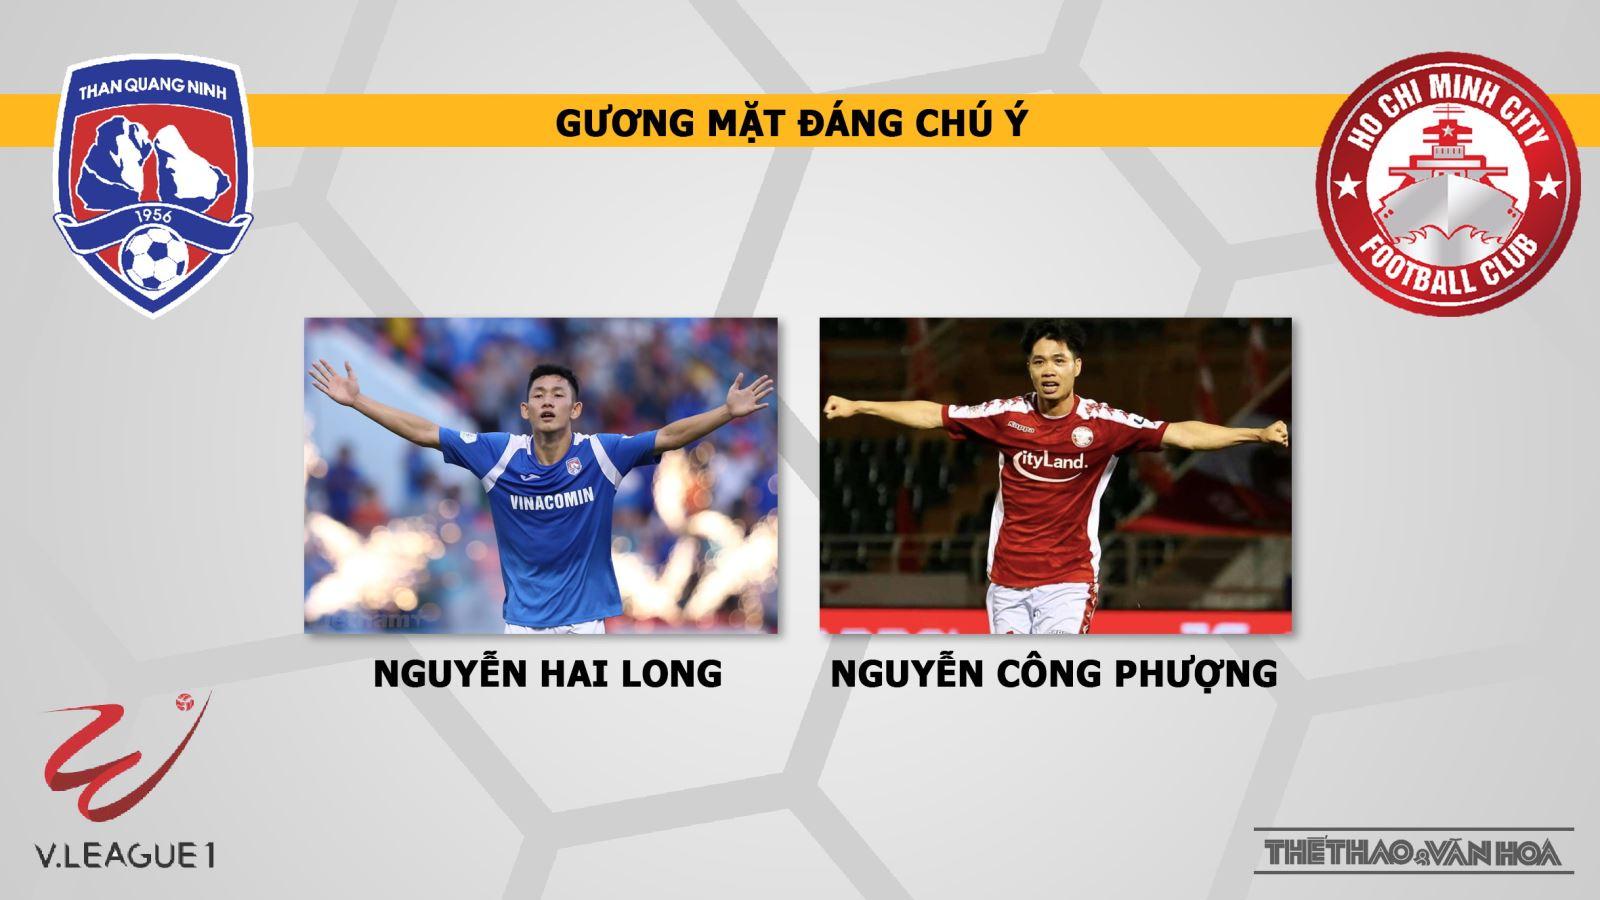 Than Quảng Ninh vs TP Hồ Chí Minh, Than Quảng Ninh, TP.HCM, trực tiếp bóng đá, lịch thi đấu bóng đá, bóng đá, soi kèo, kèo bóng đá